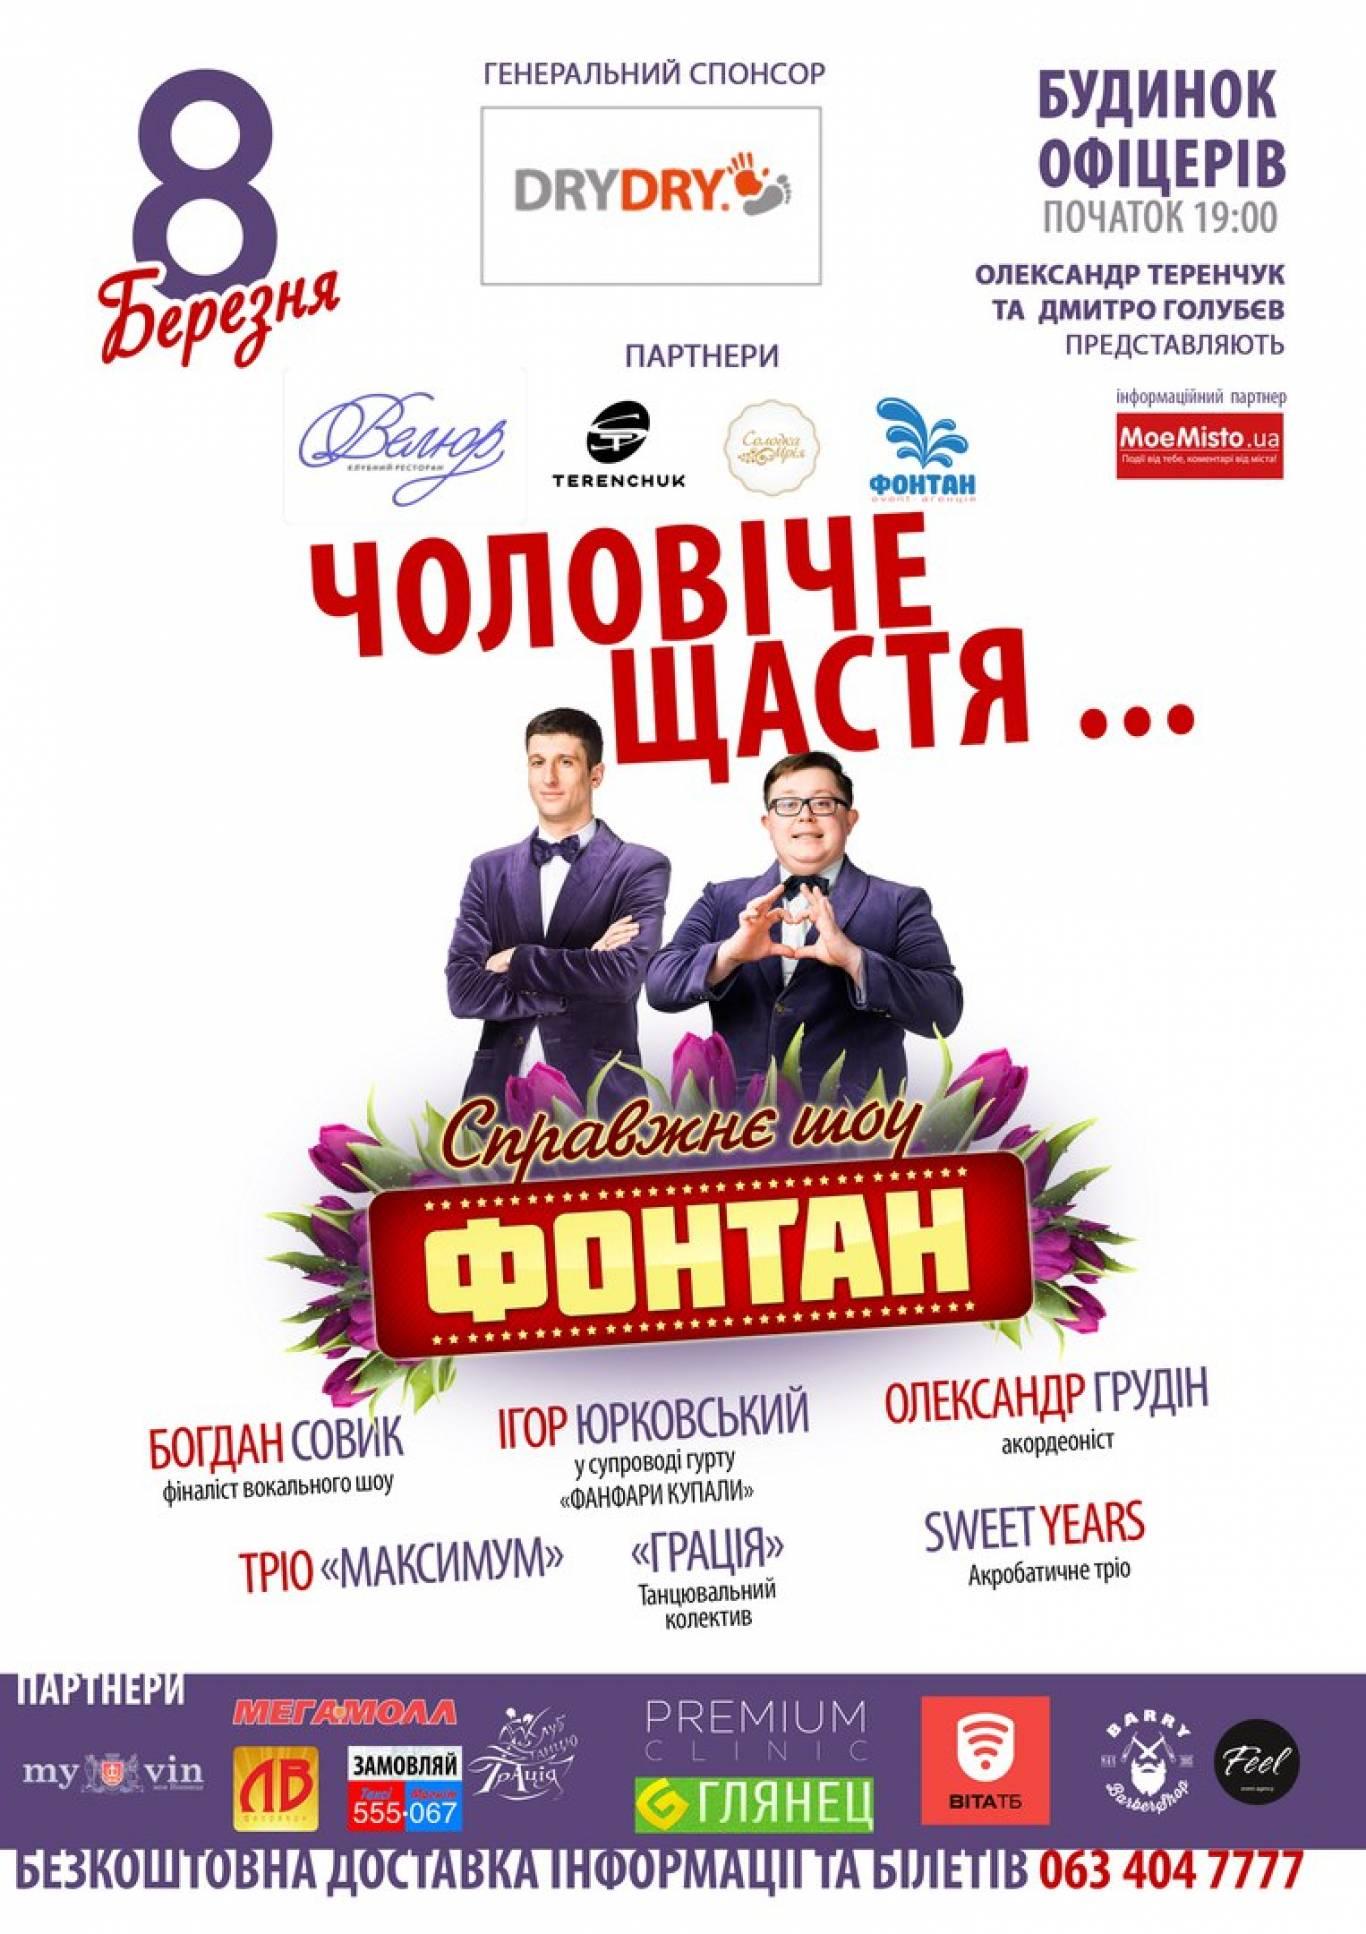 «Справжнє шоу Фонтан» до 8 березня! Розіграш квитків!